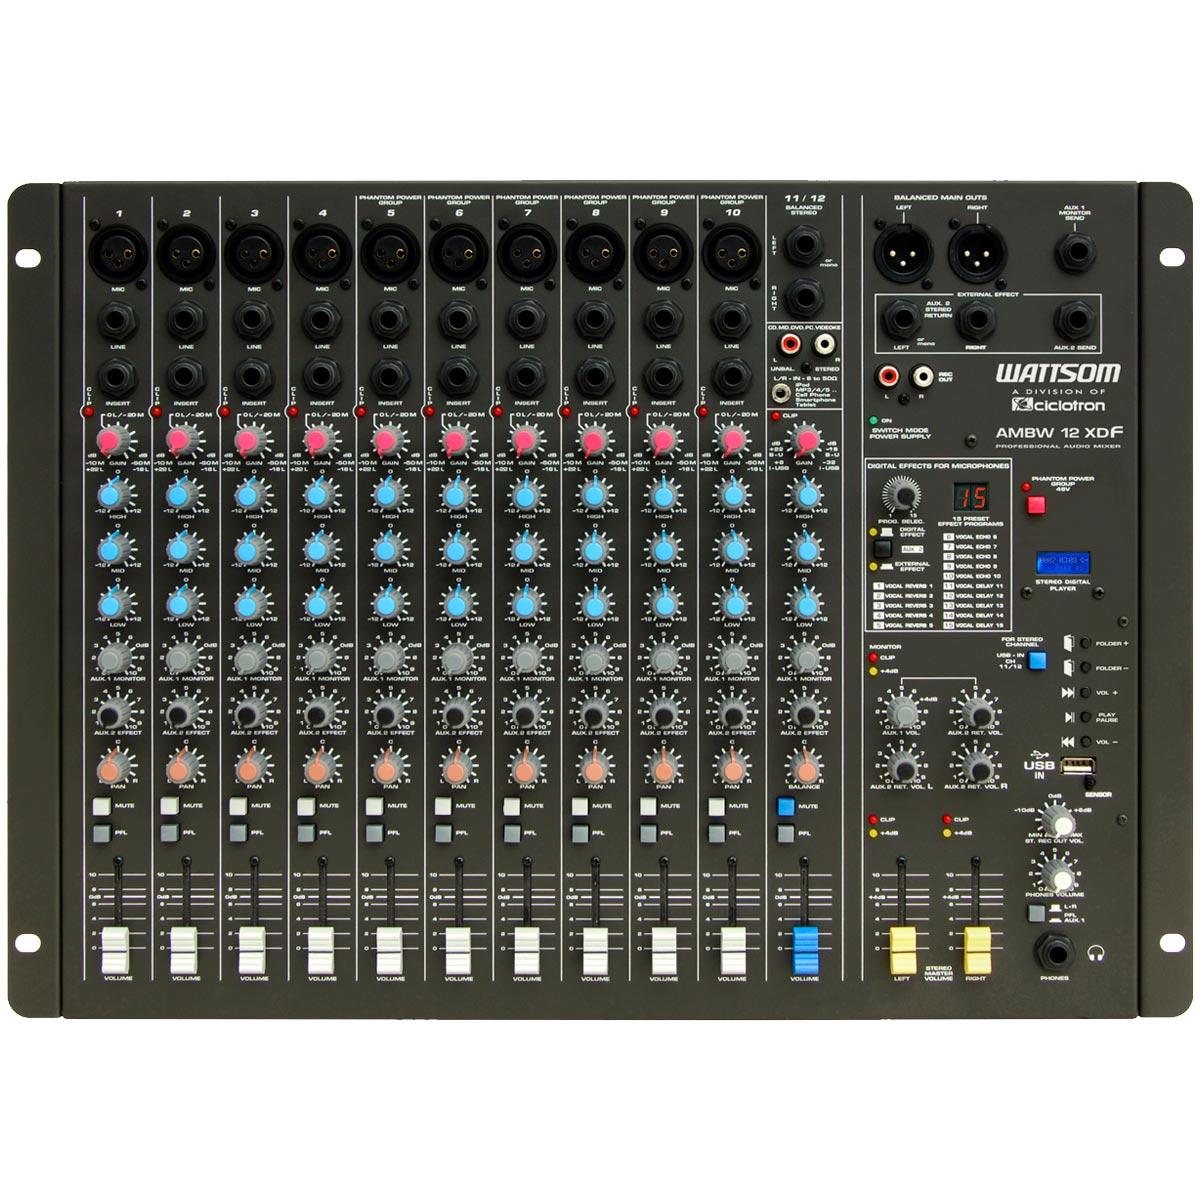 Mesa de Som 12 Canais Balanceados (10 XLR + 2 P10) c/ USB Play / Efeito / Phantom / 2 Auxiliares - AMBW 12 XDF Ciclotron